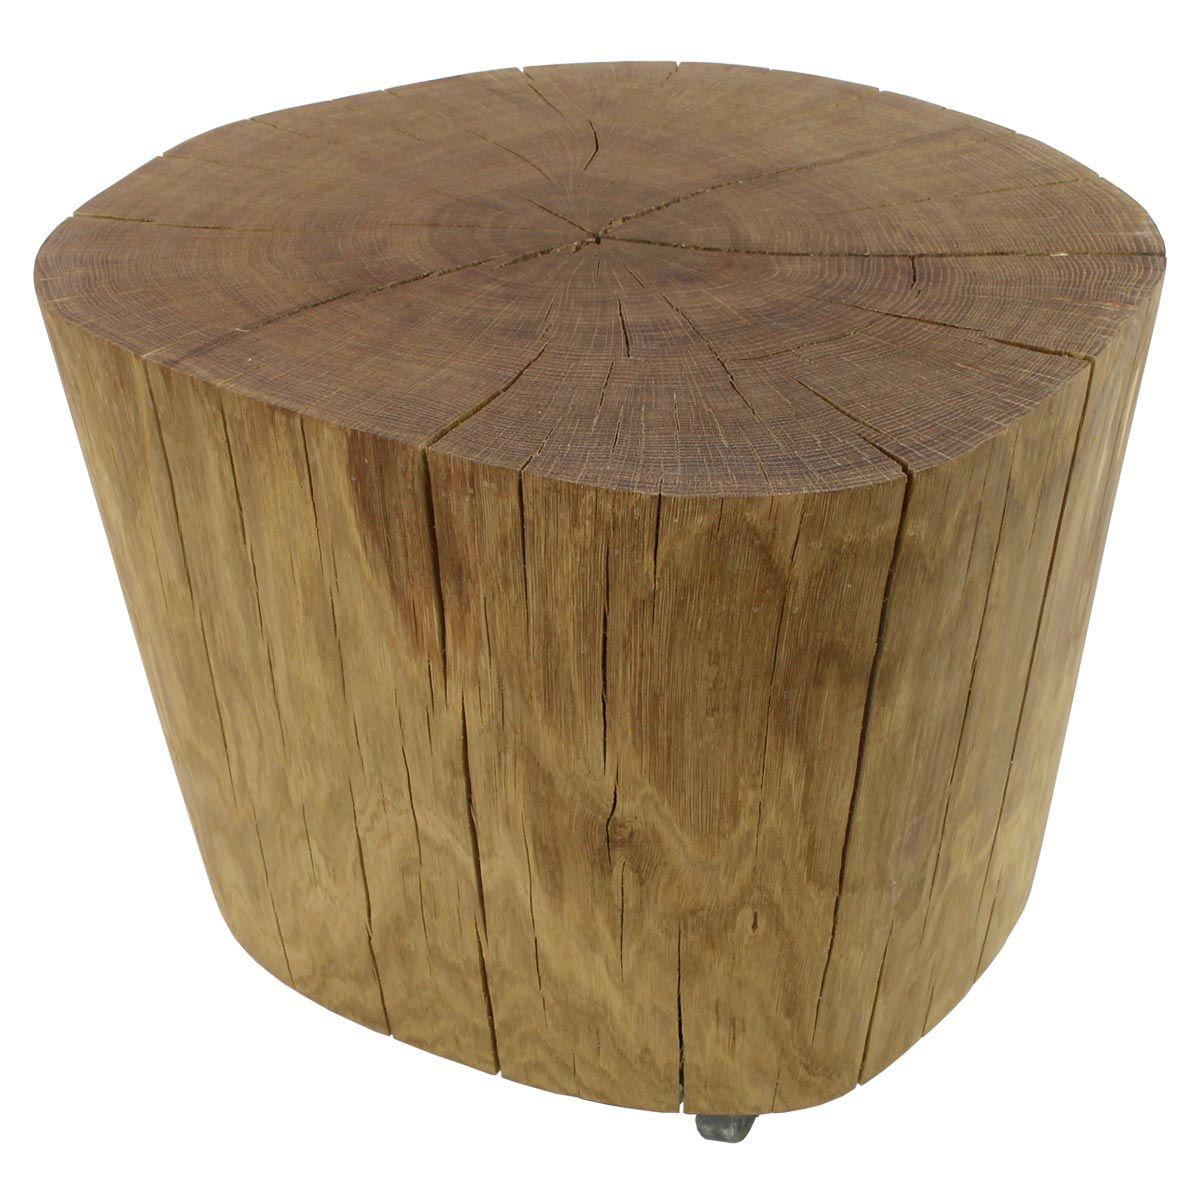 baumstamm tisch eiche ca 51 cm wooden tables rock pinterest baumstamm tisch tisch und. Black Bedroom Furniture Sets. Home Design Ideas